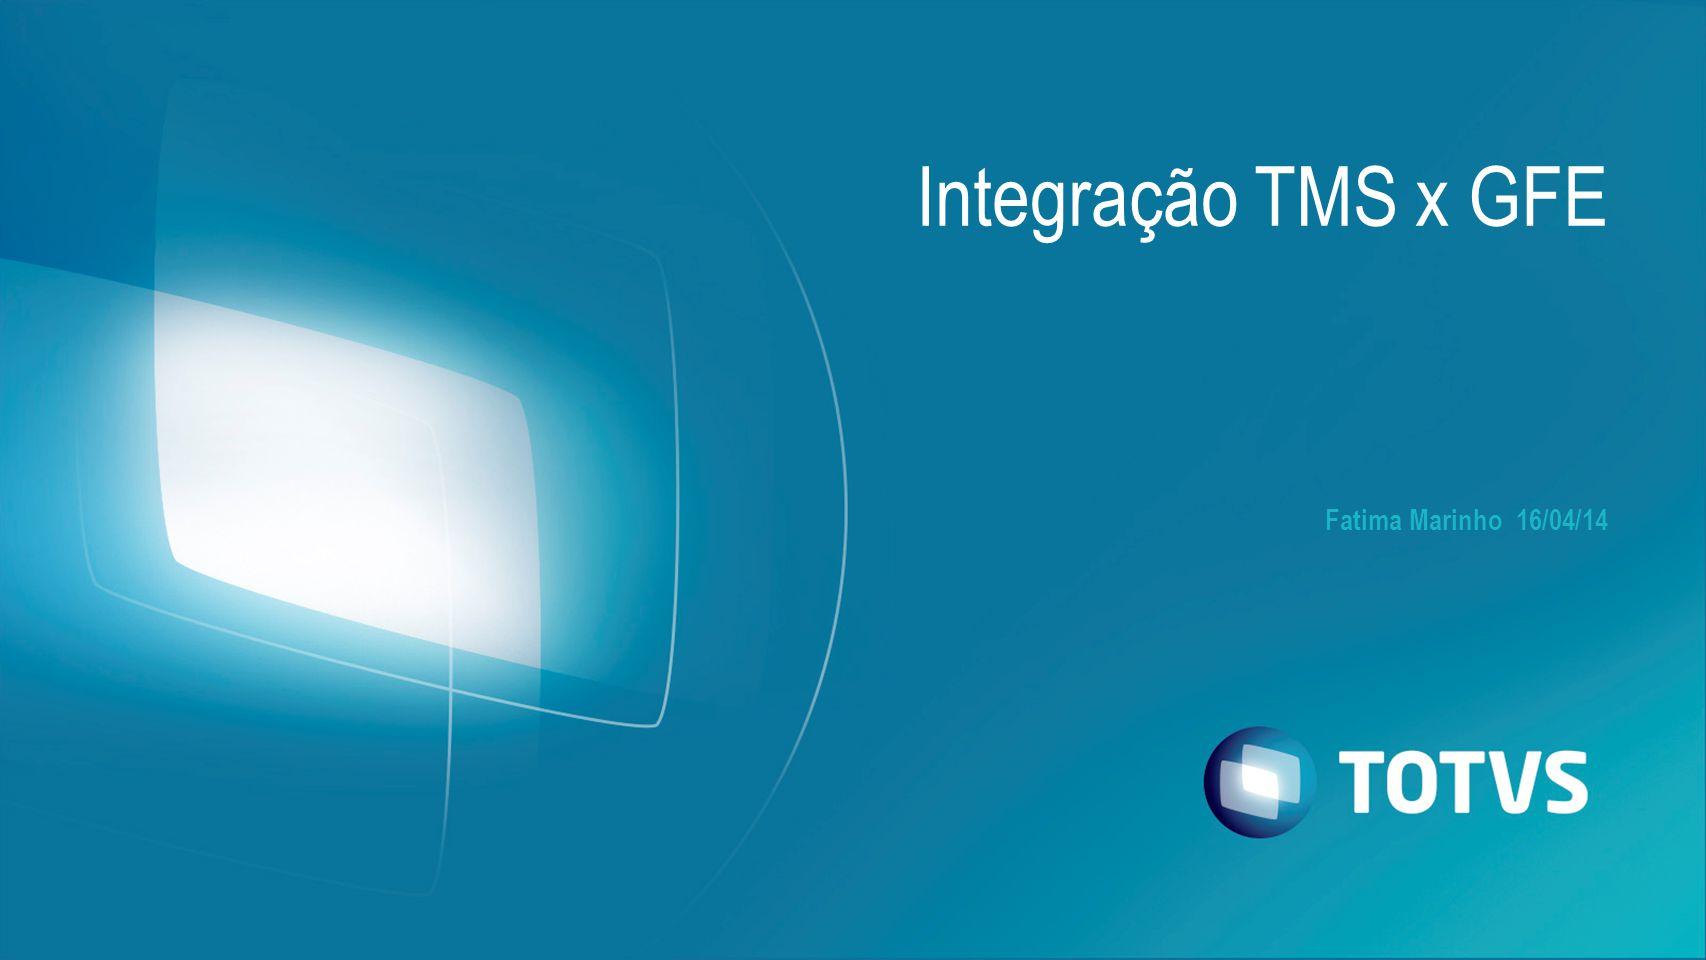 Integração TMS x GFE Fatima Marinho 16/04/14